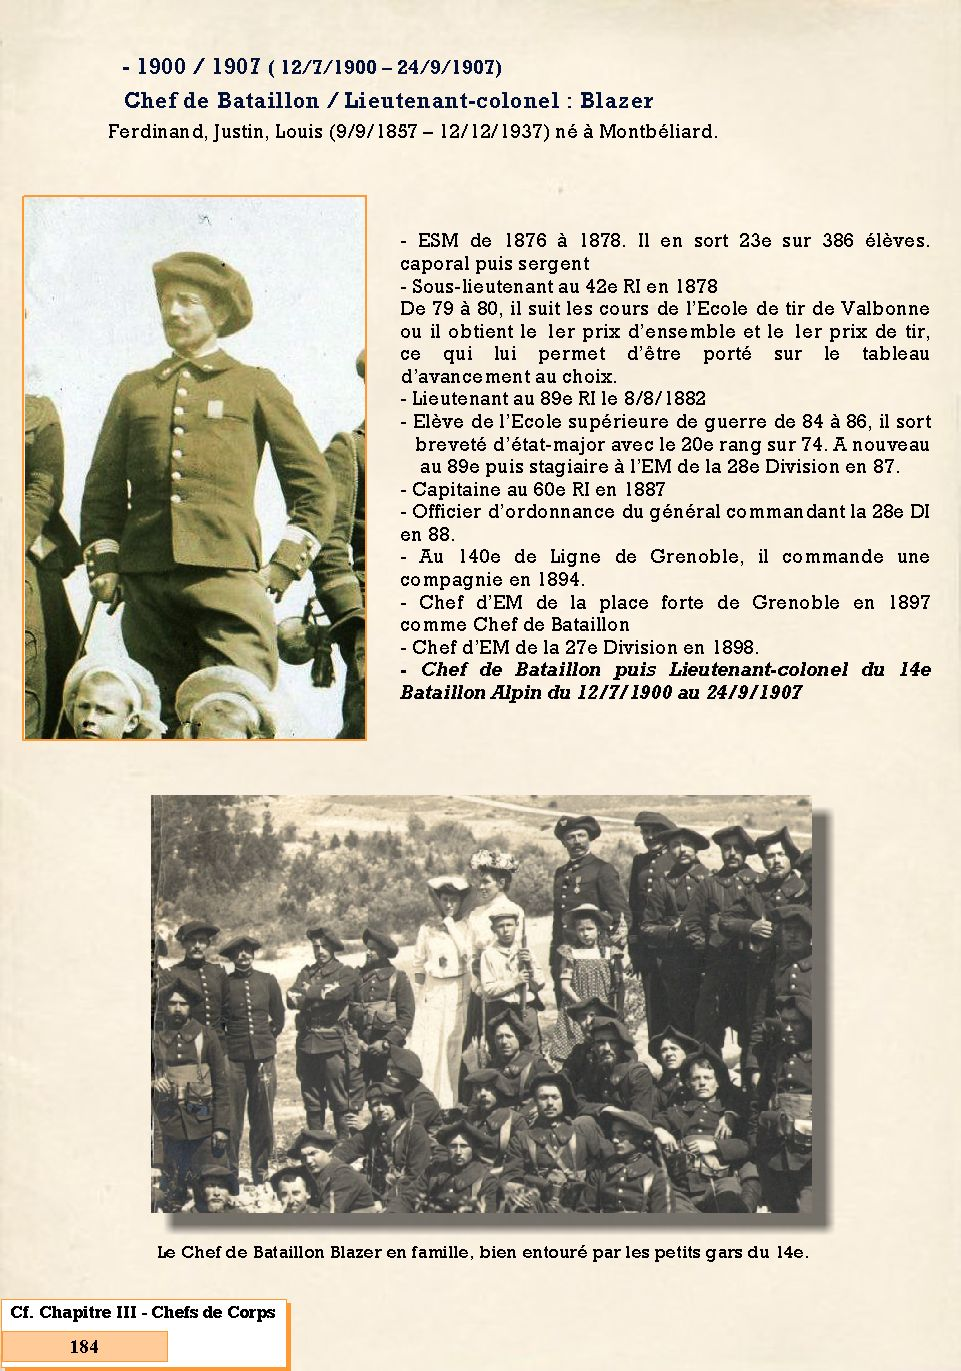 L'Historique du 14e Bataillon de Chasseurs. 1854 - 1962 184_pa10